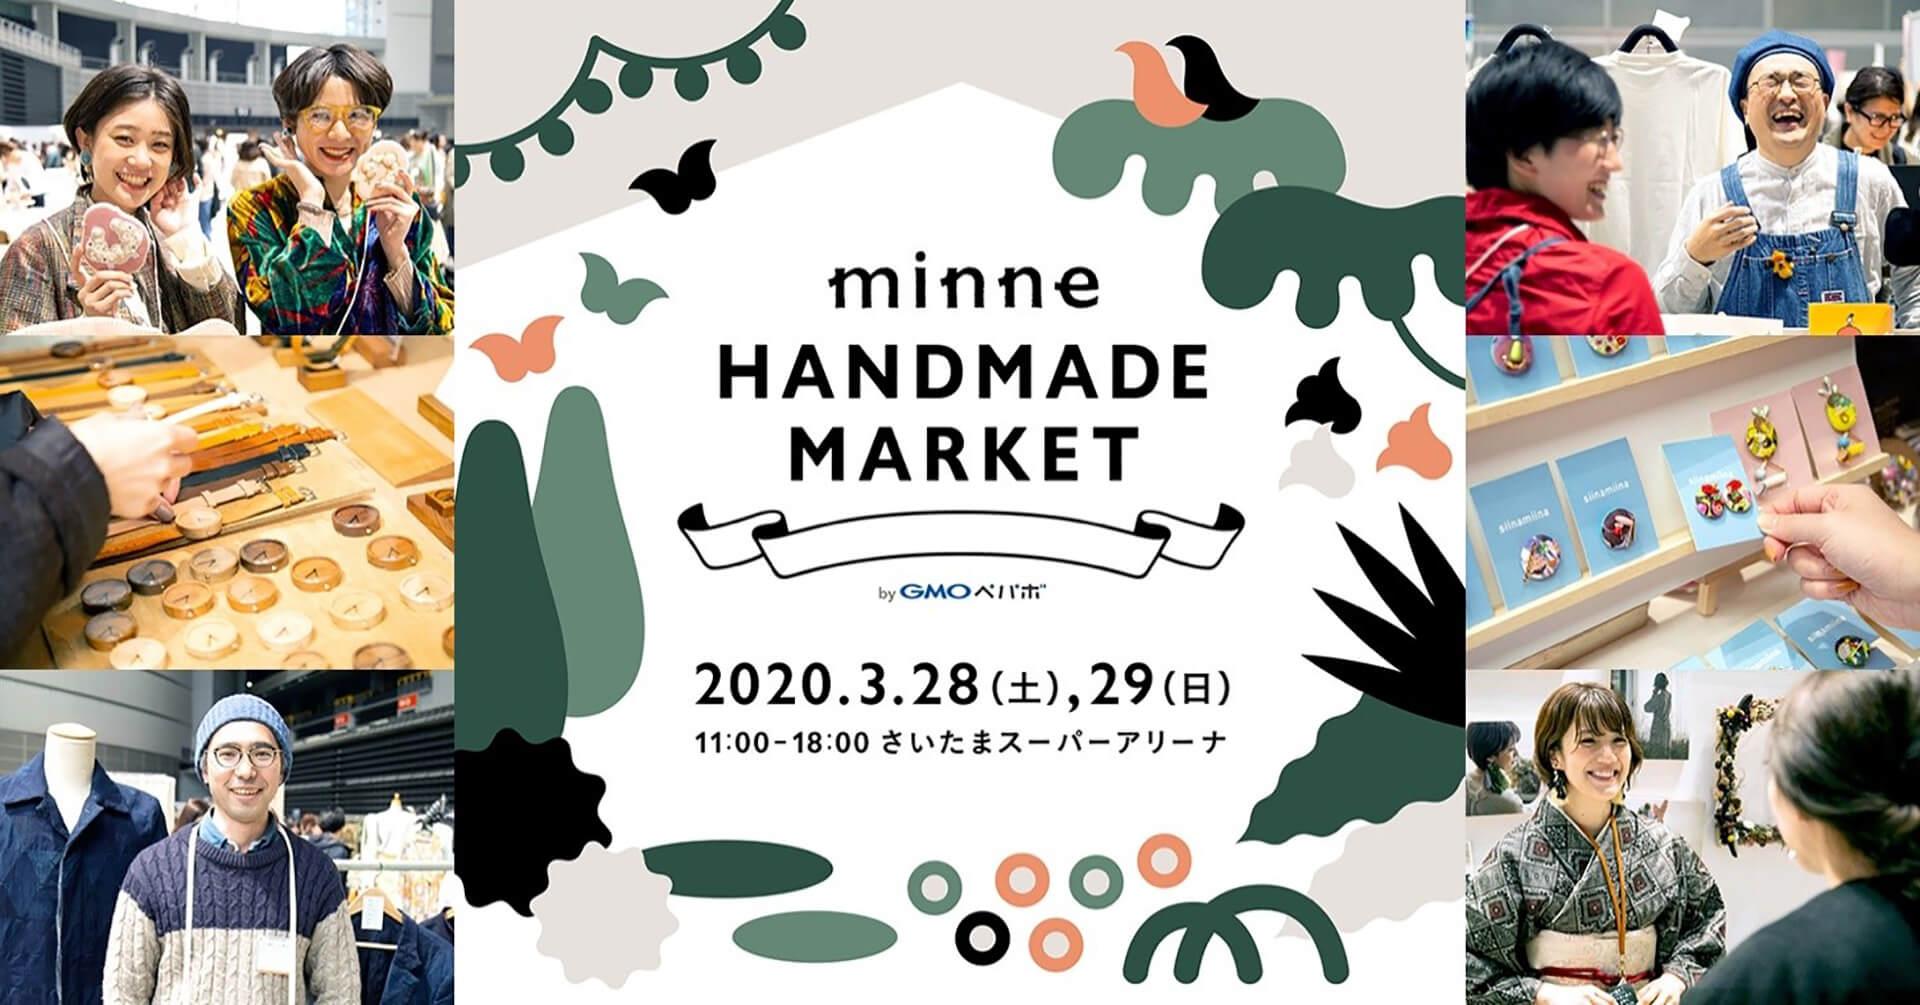 minneのハンドメイドマーケット2020